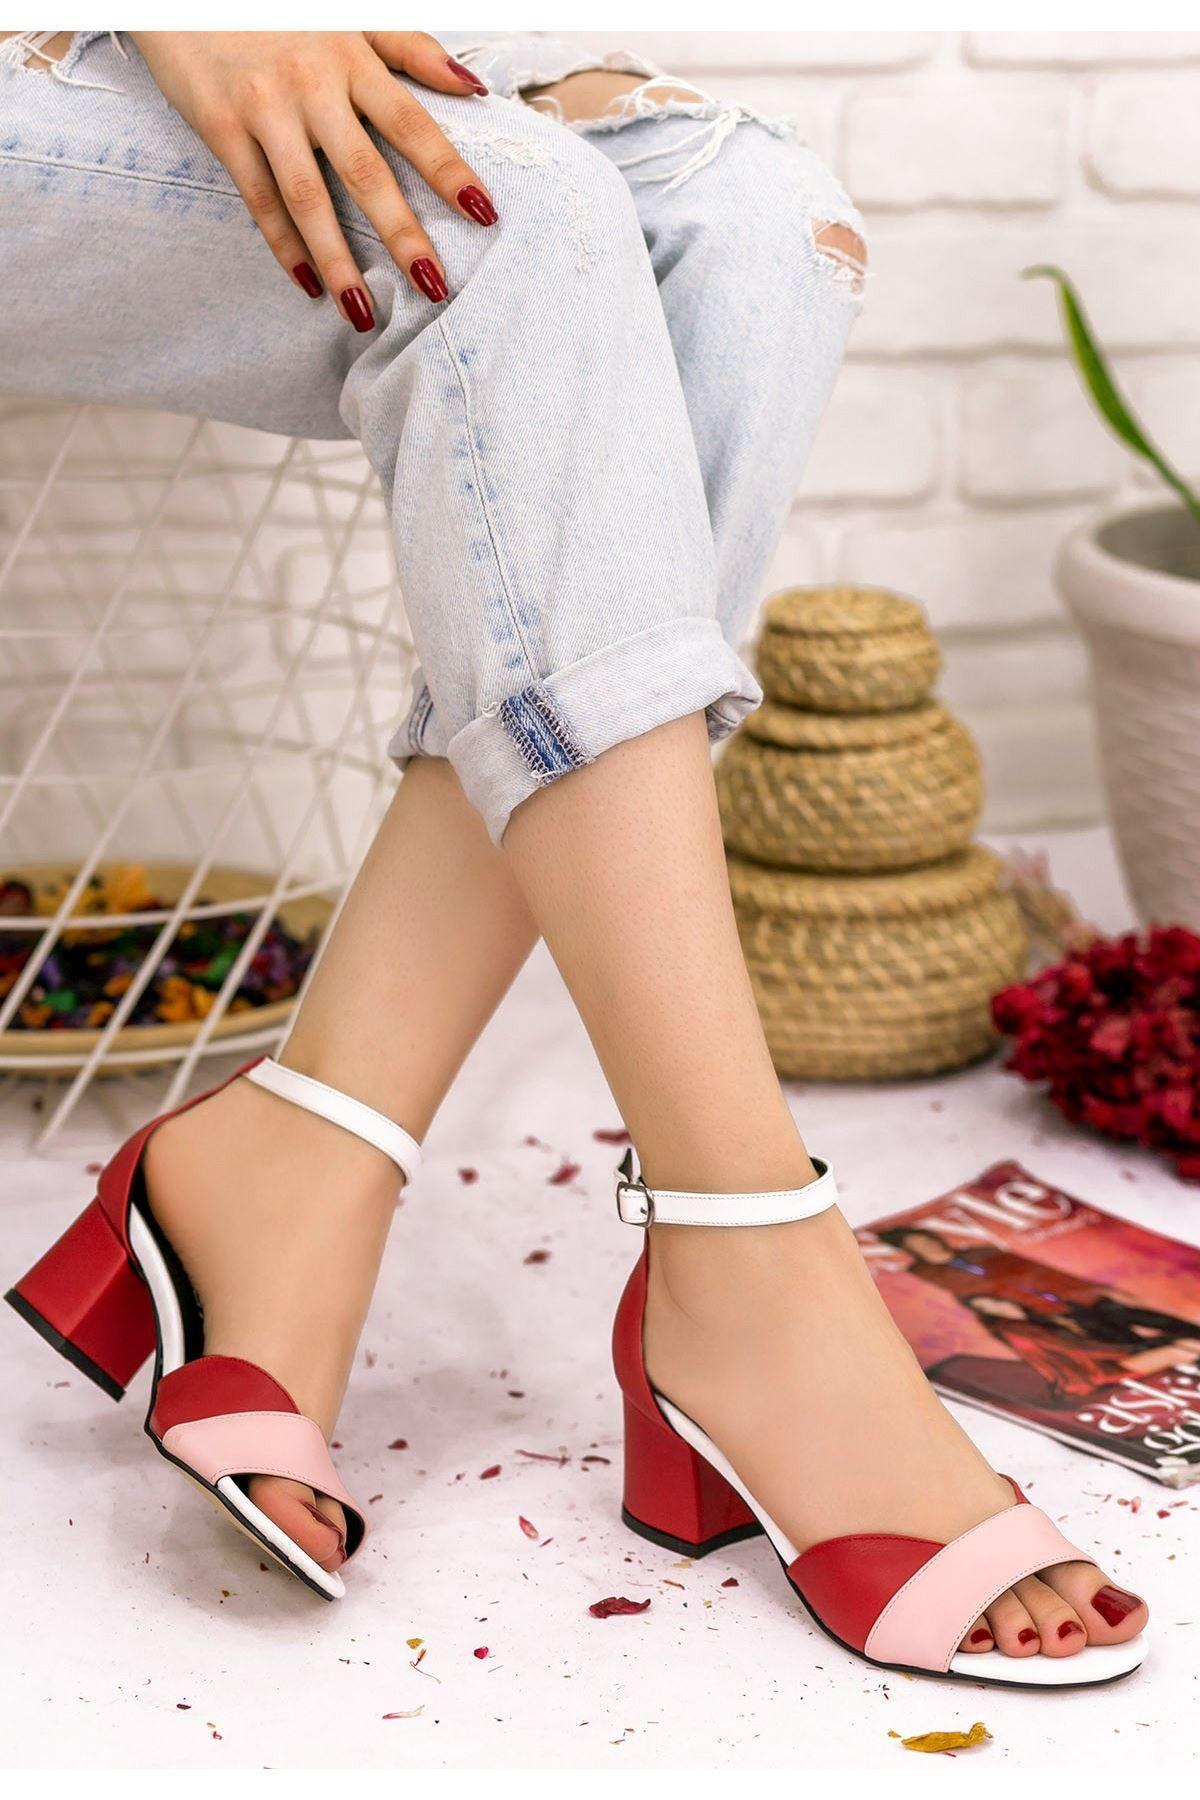 Kaina Kırmızı Cilt Renkli Topuklu Ayakkabı